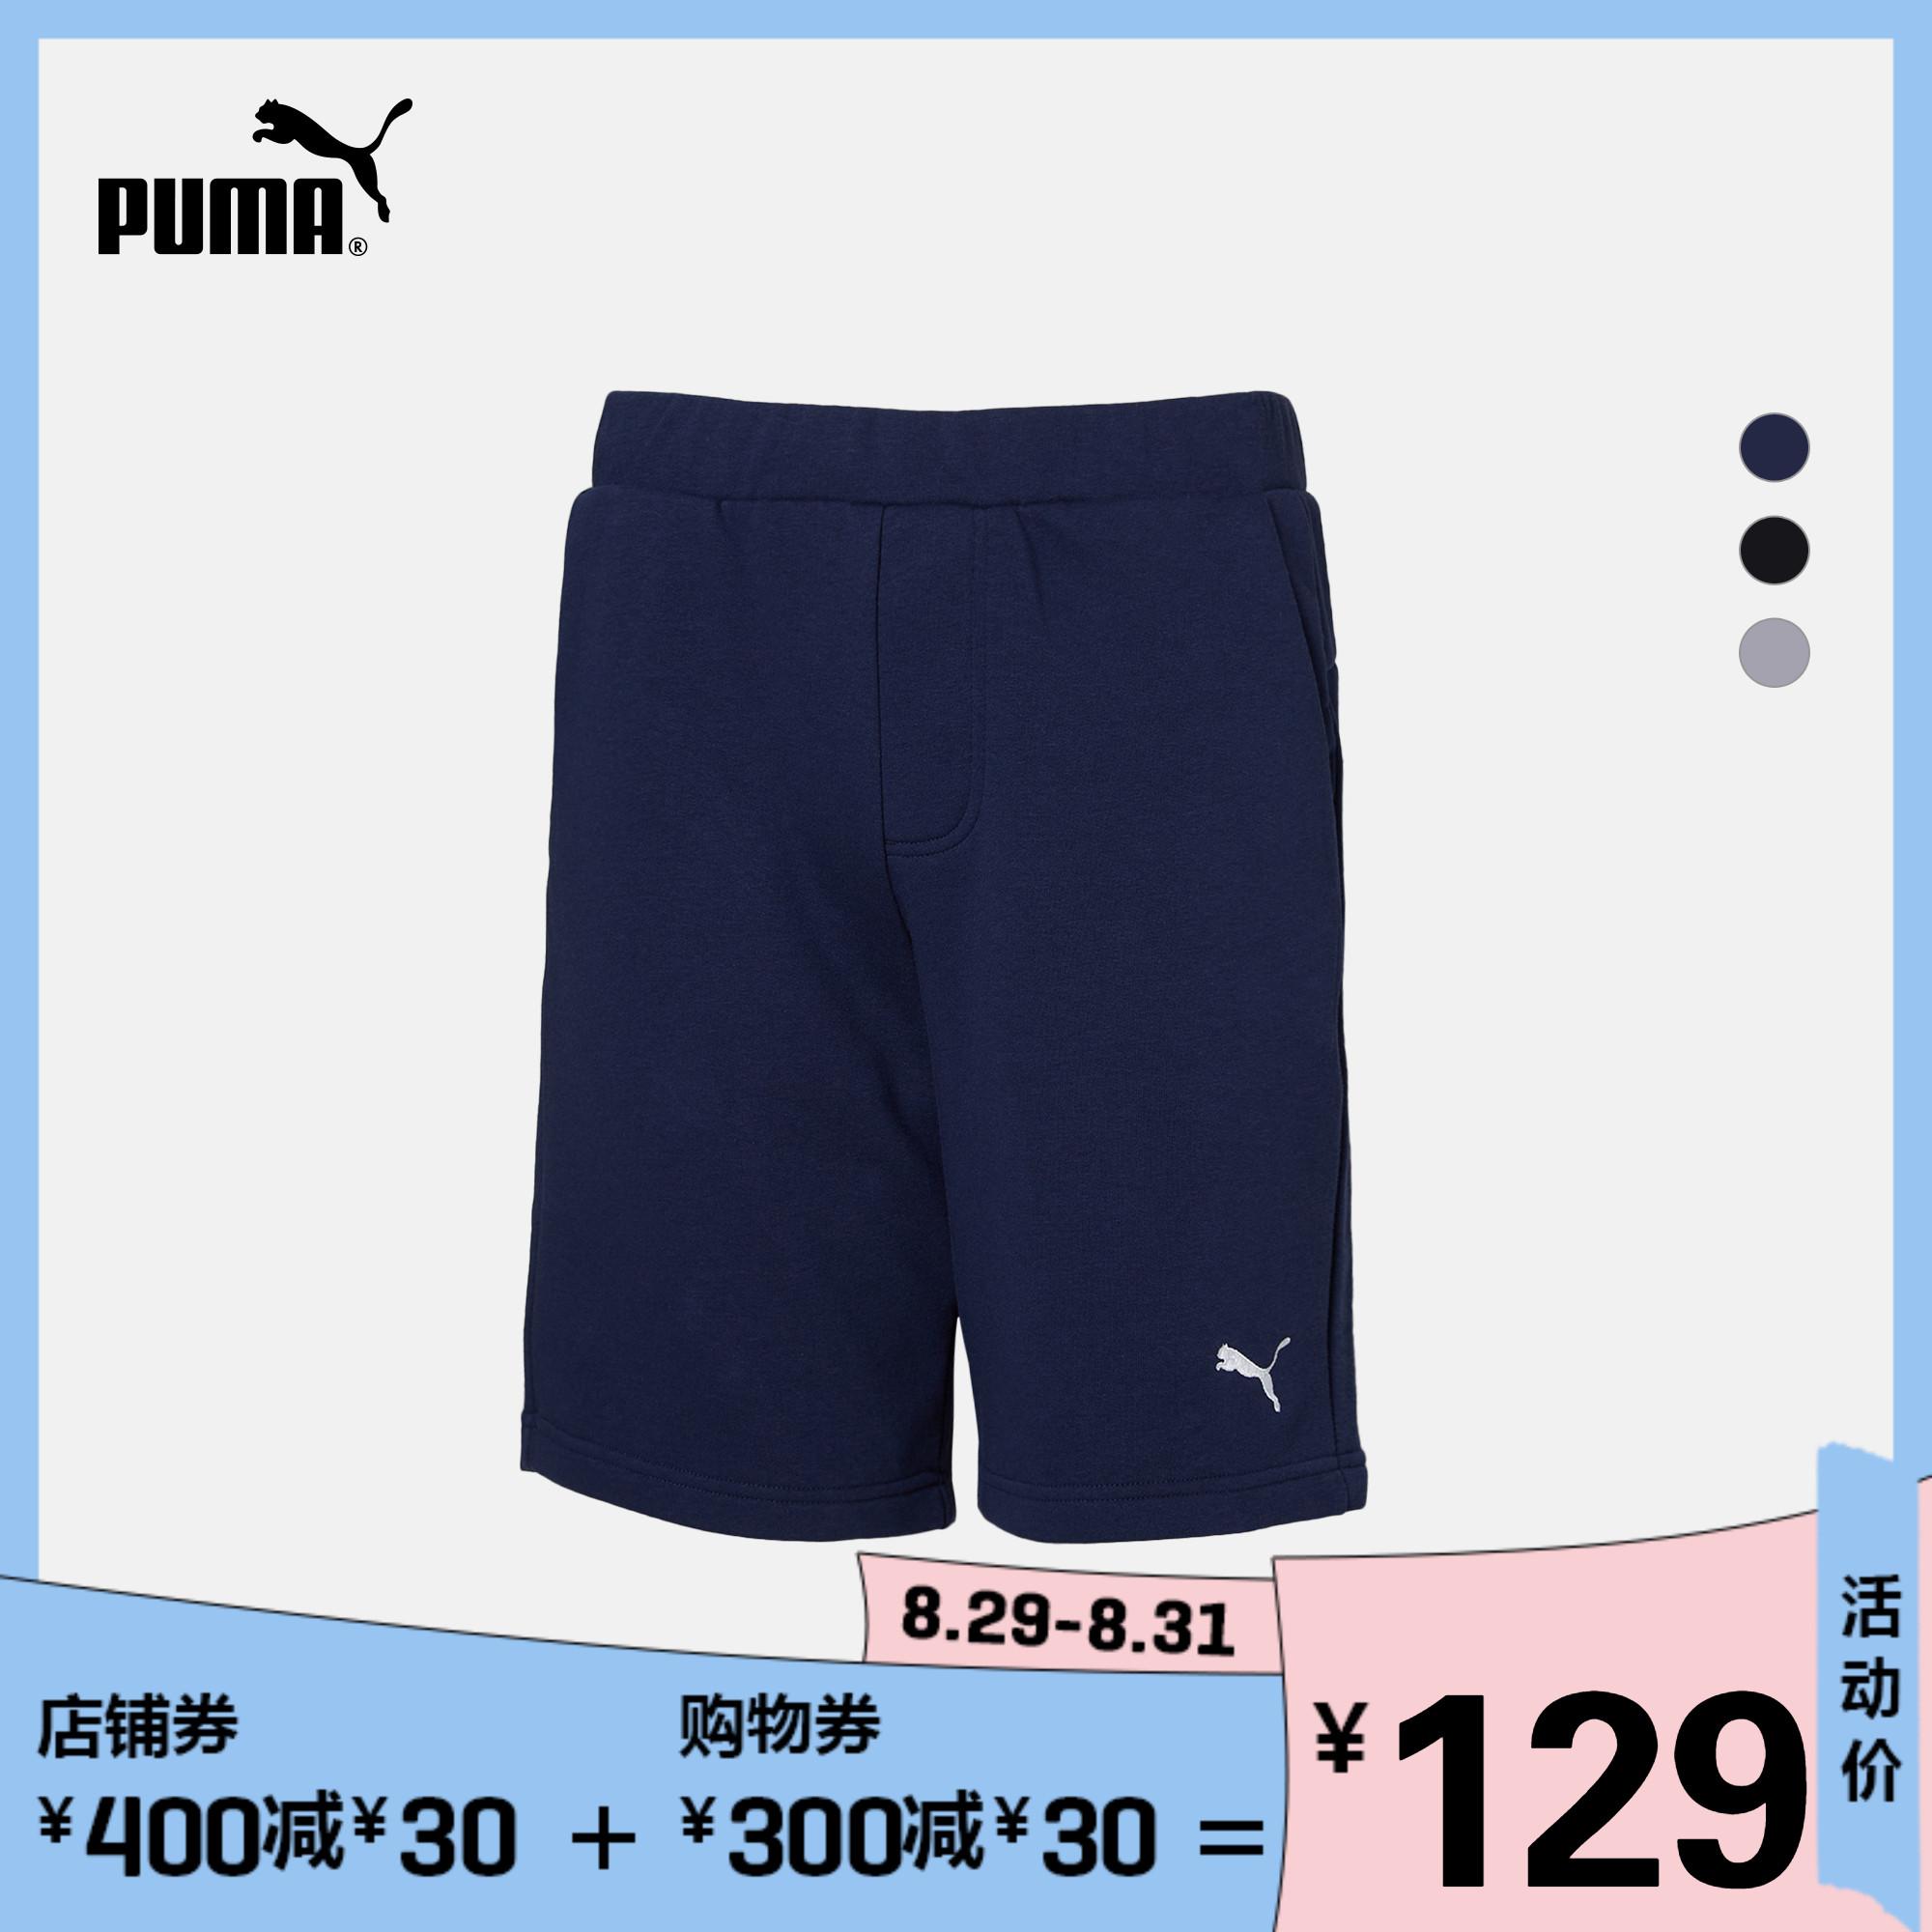 PUMA彪马官方 男子运动短裤 ESS 593078优惠券